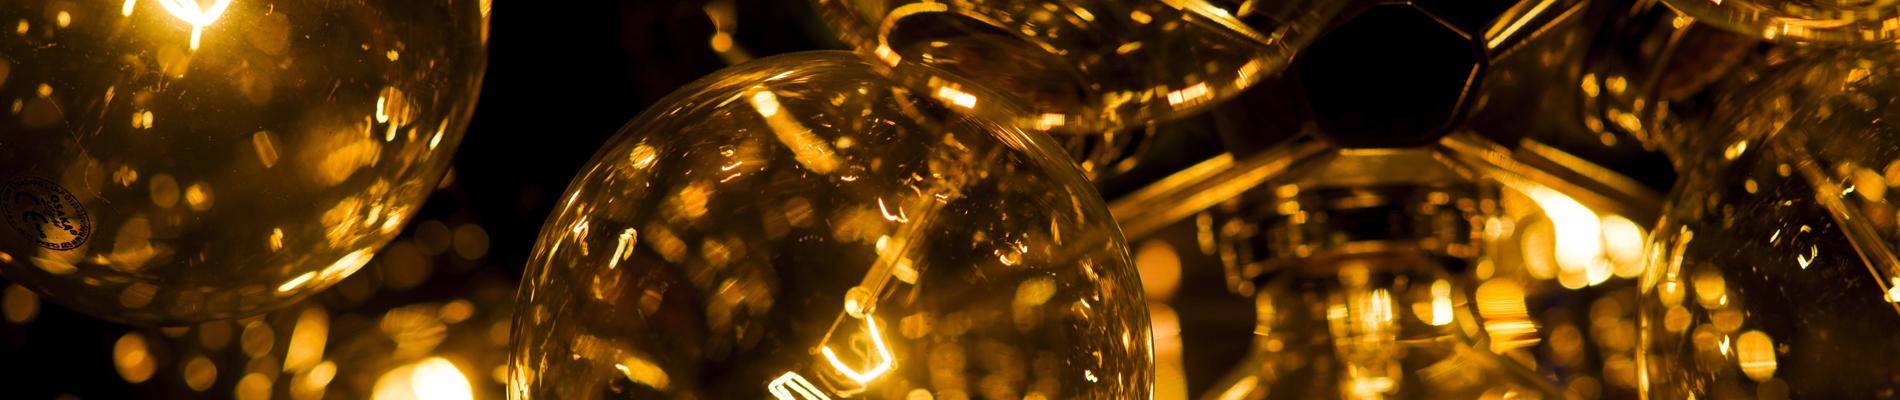 Ampoules illuminées par l'entreprise d'électricité générale Ampère Michaut